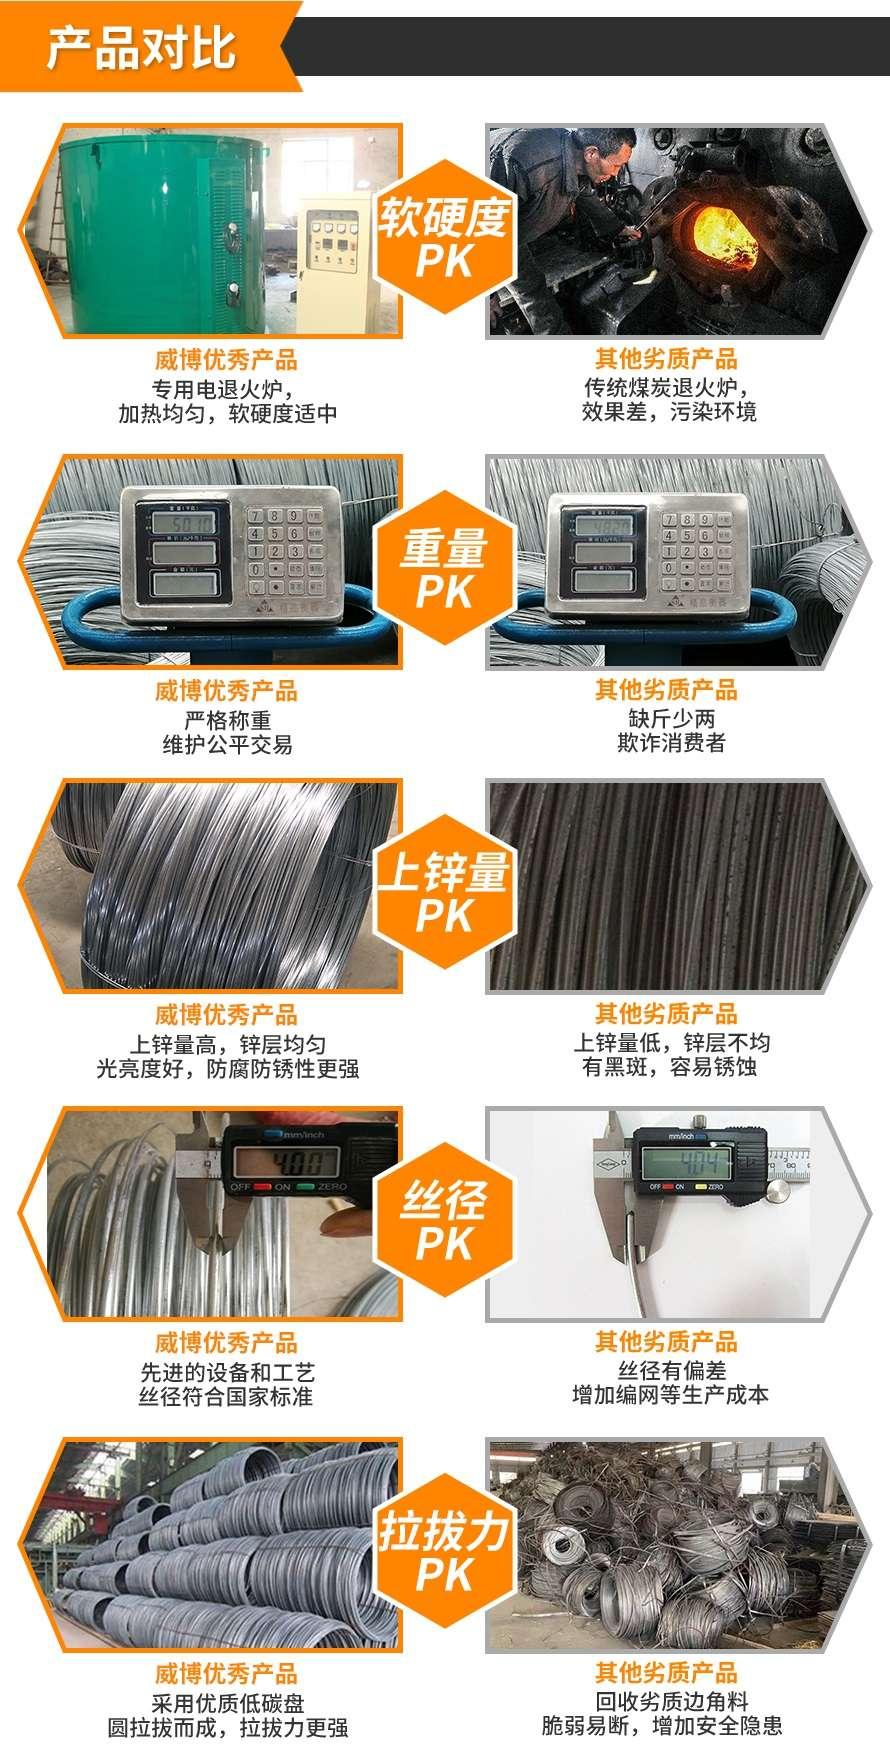 镀锌铁丝产品对比